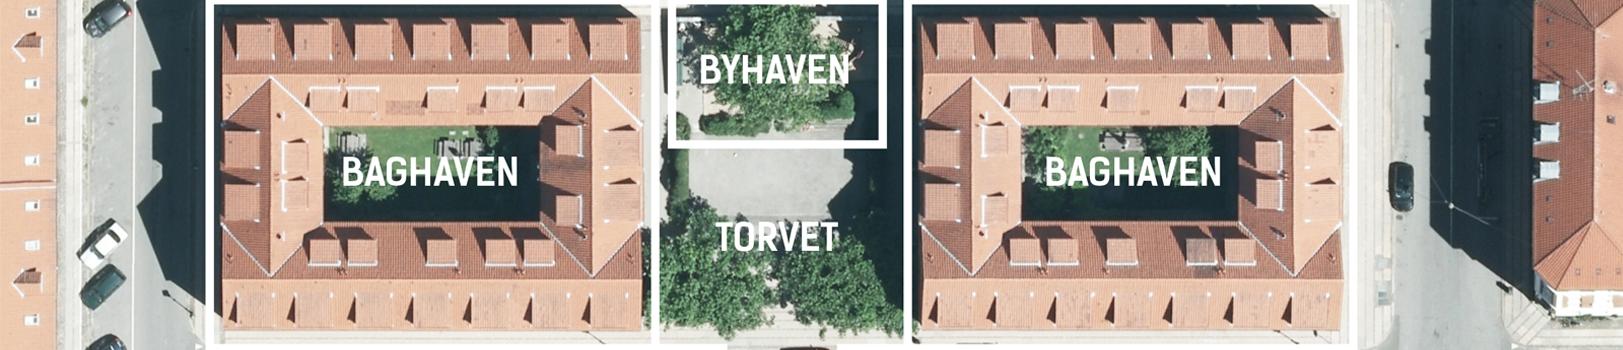 banner_nyeste-copy